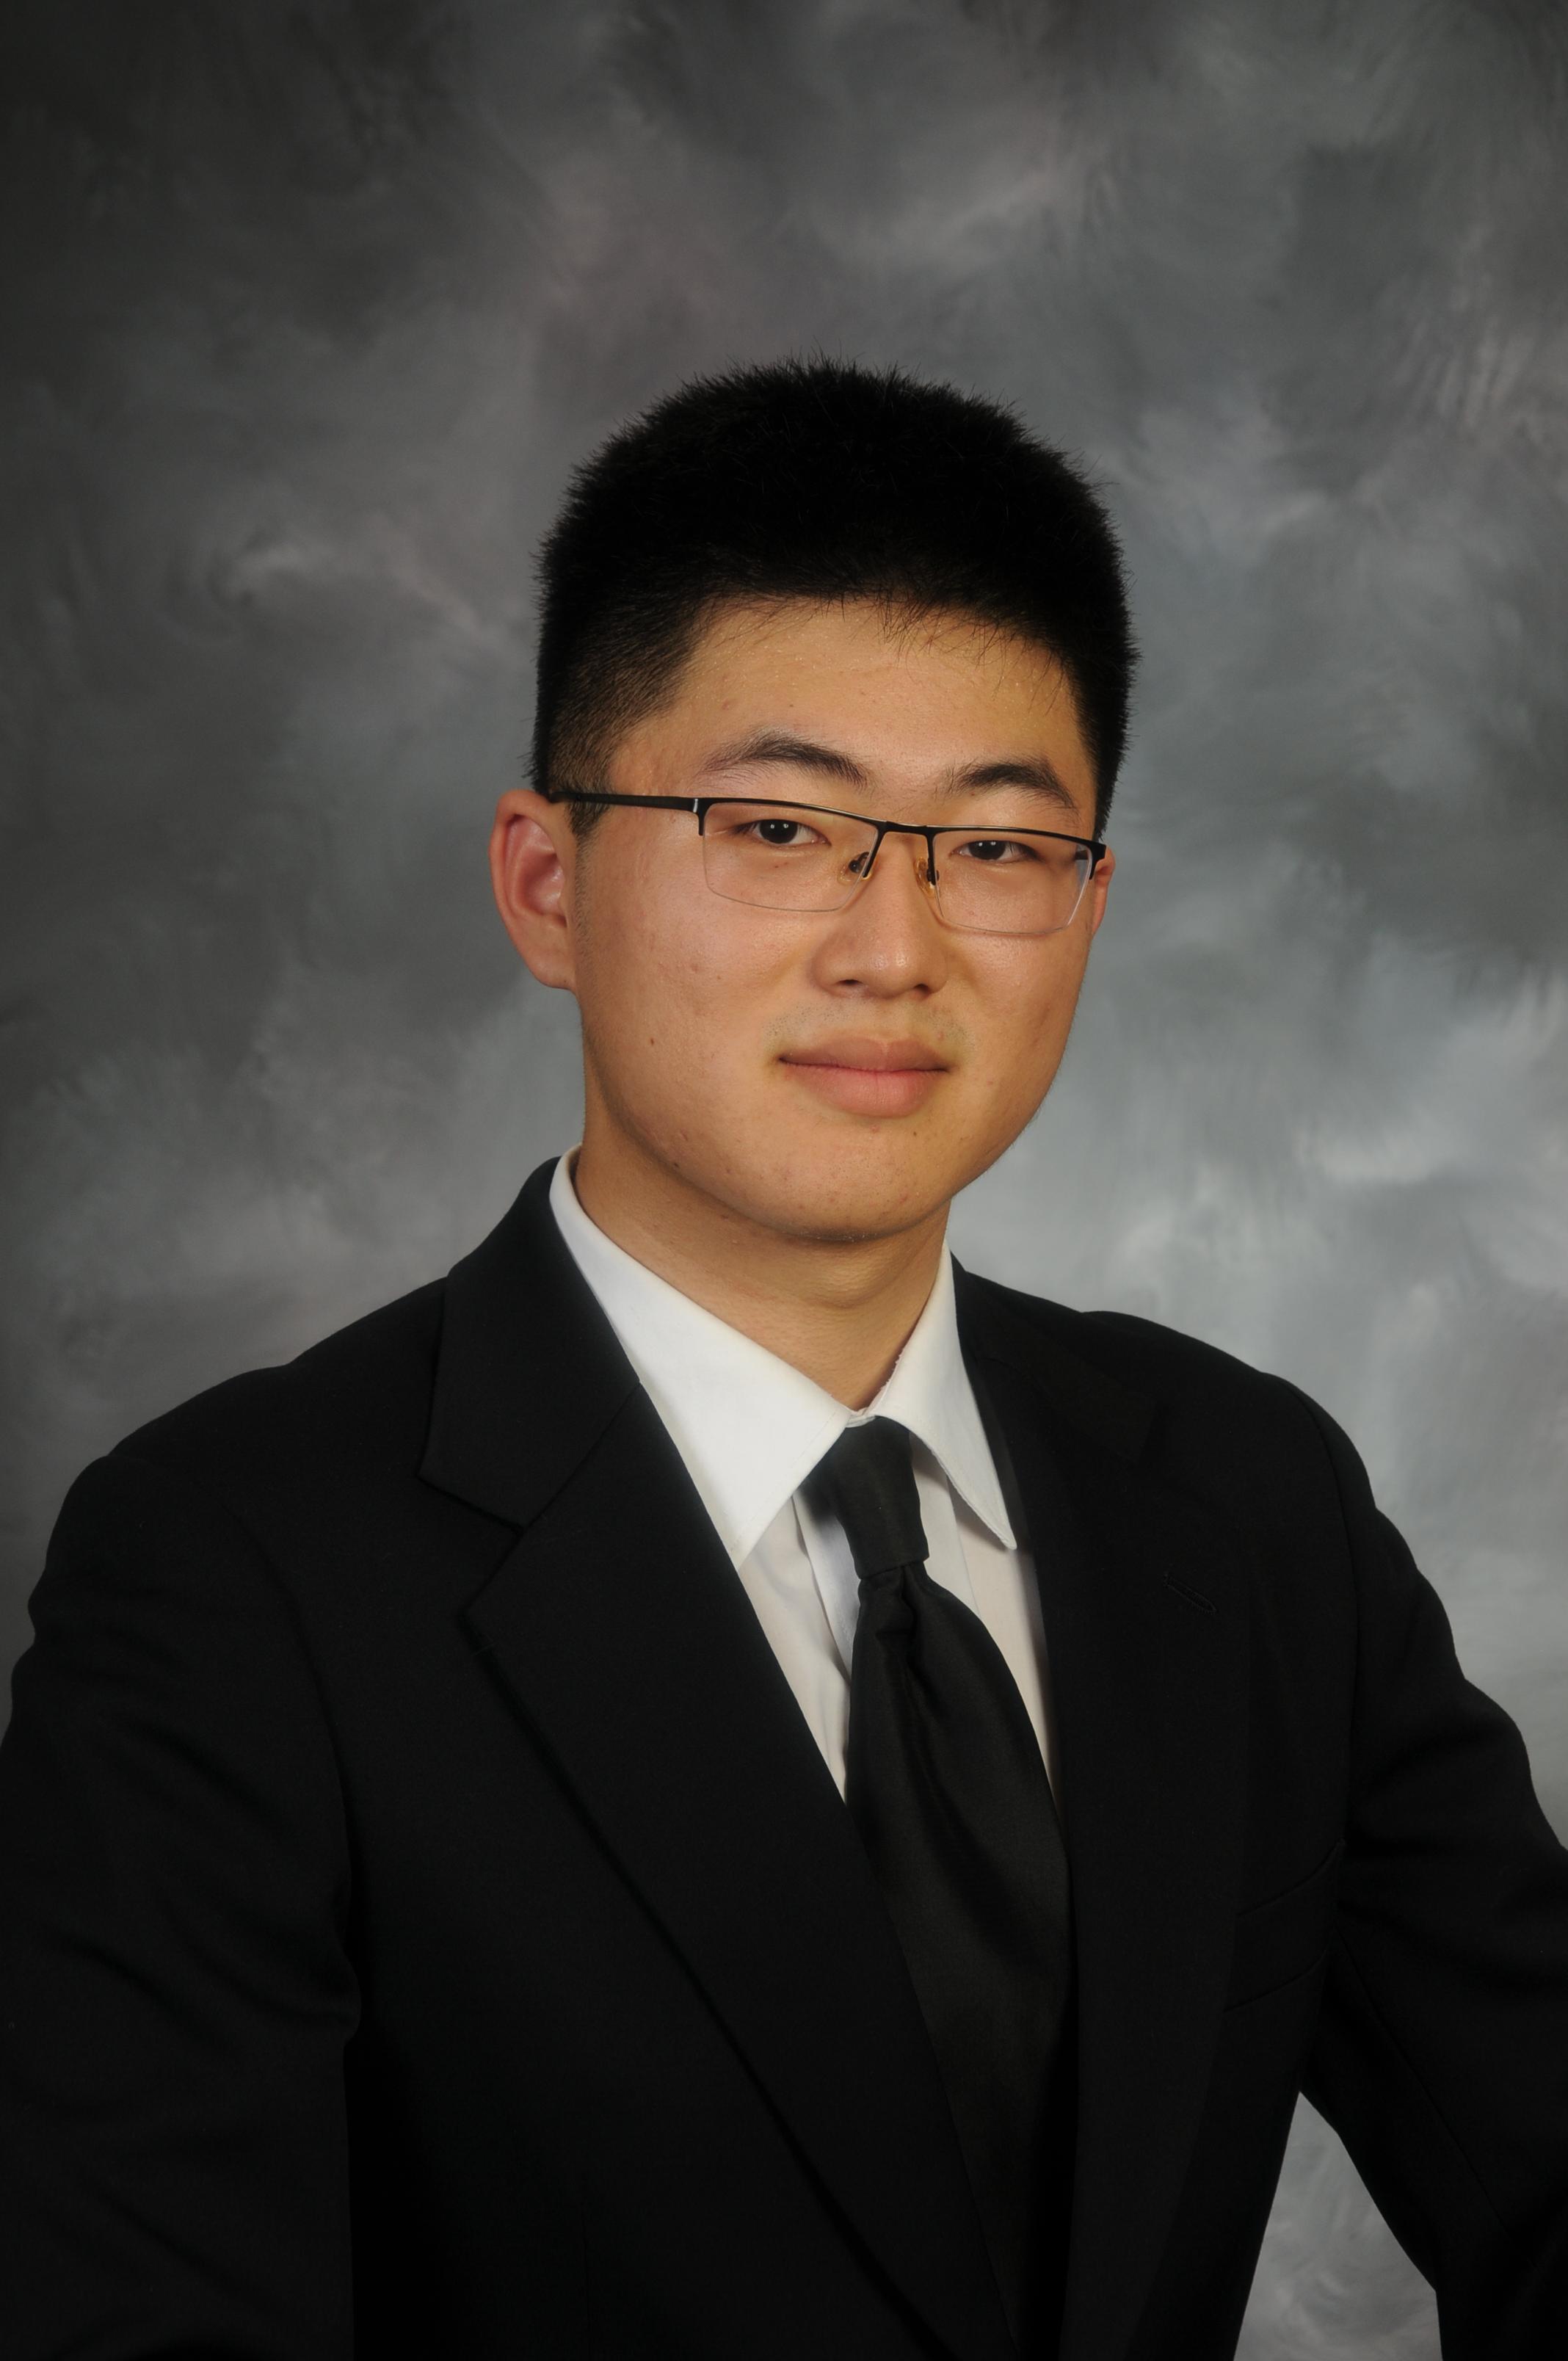 Pengchi Xiao